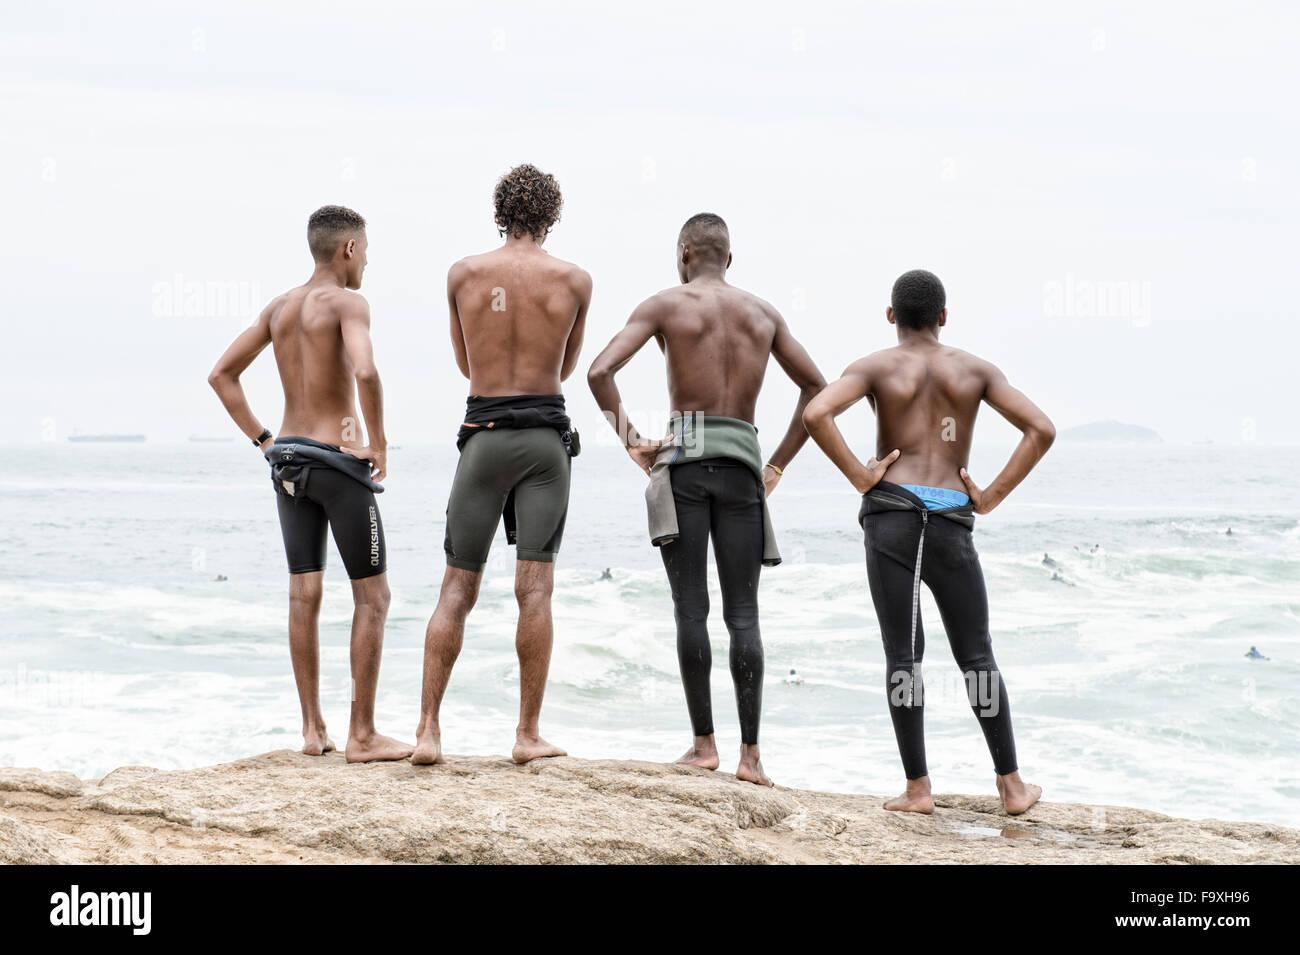 Río de Janeiro, Brasil - 22 de octubre de 2015: los surfistas Brasileño en wetsuits mirar olas en Praia Imagen De Stock